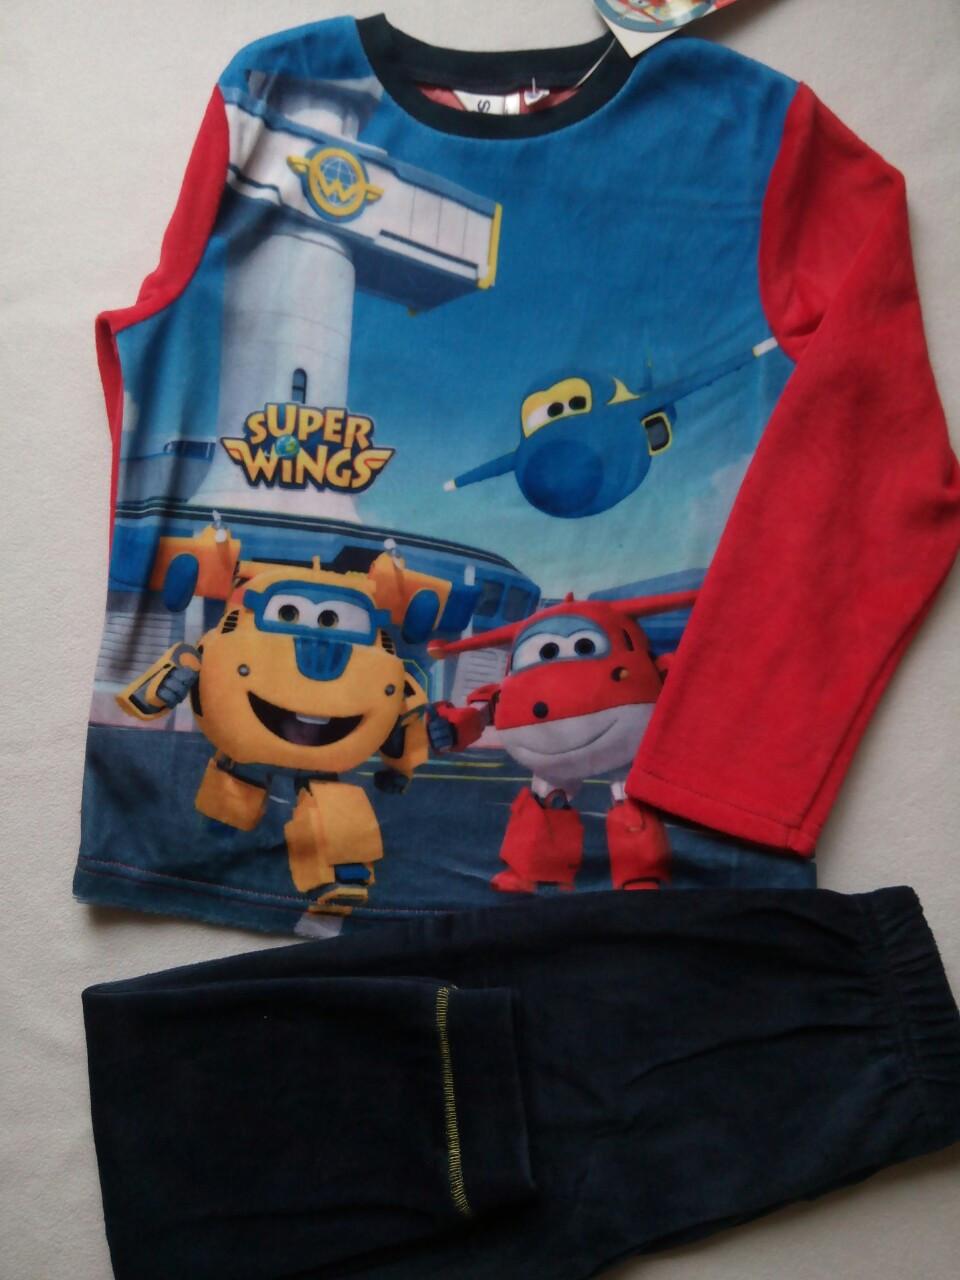 Теплая пижама для мальчика велюровая TM SunCity (SuperWings) 5лет, фото 1